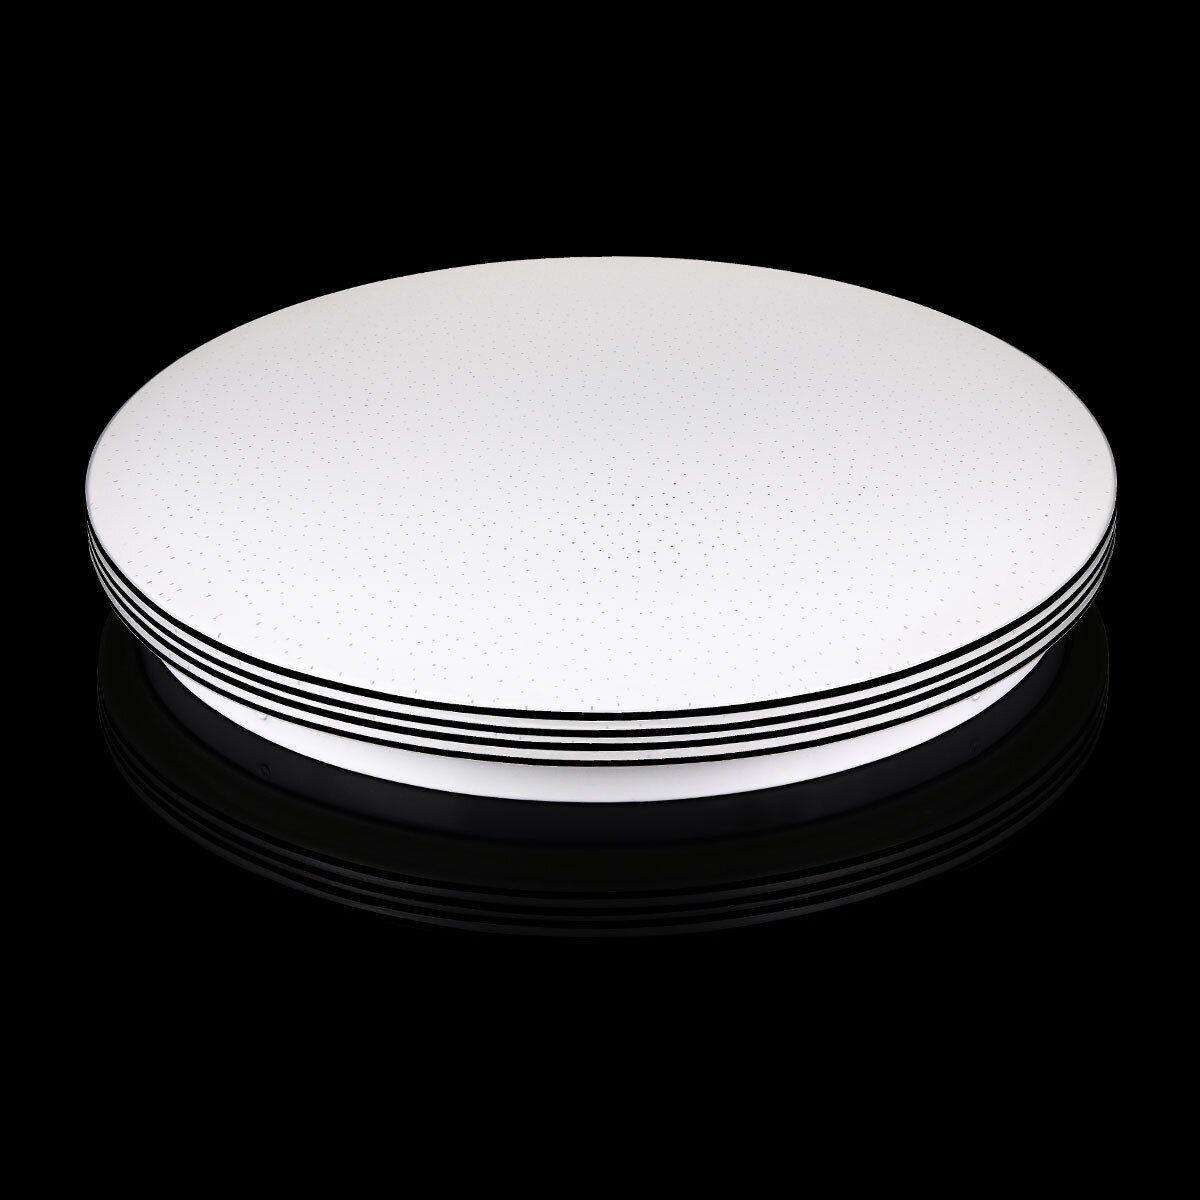 Світильник світлодіодний Biom DEL-R04-24 4500K 24Вт без д/у